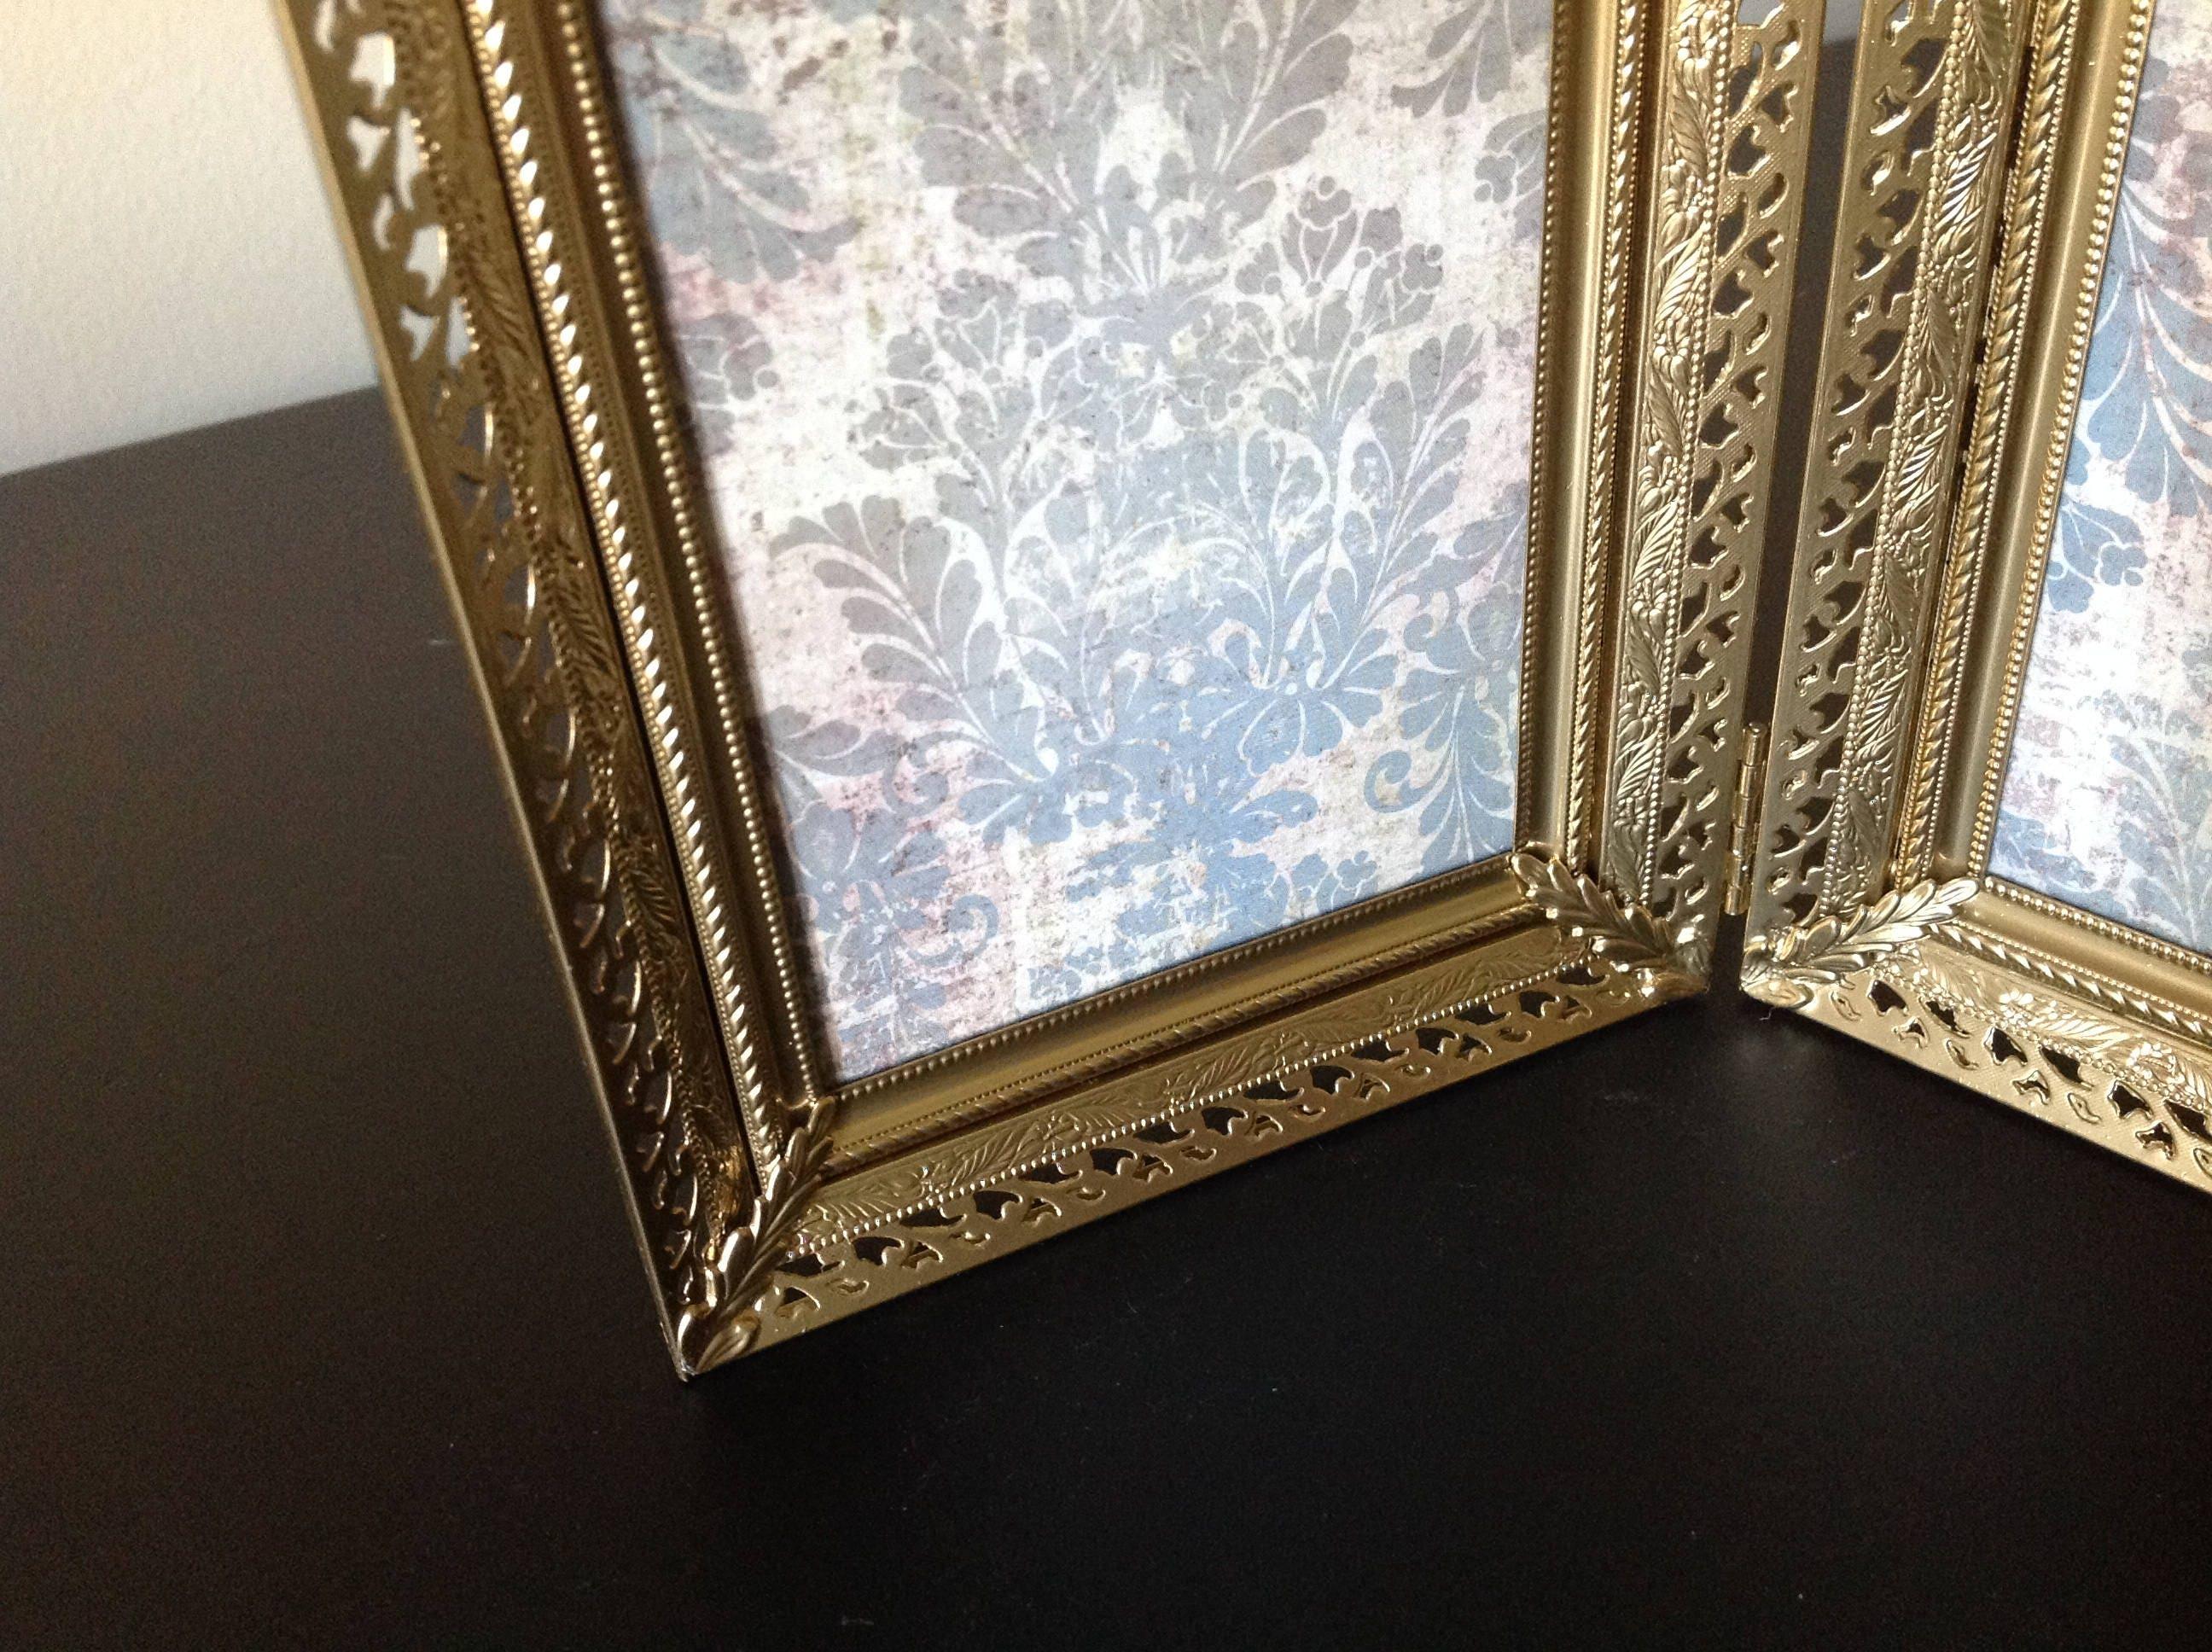 Doble estructura de Metal oro, Vintage adornado afiligranado Marcos ...